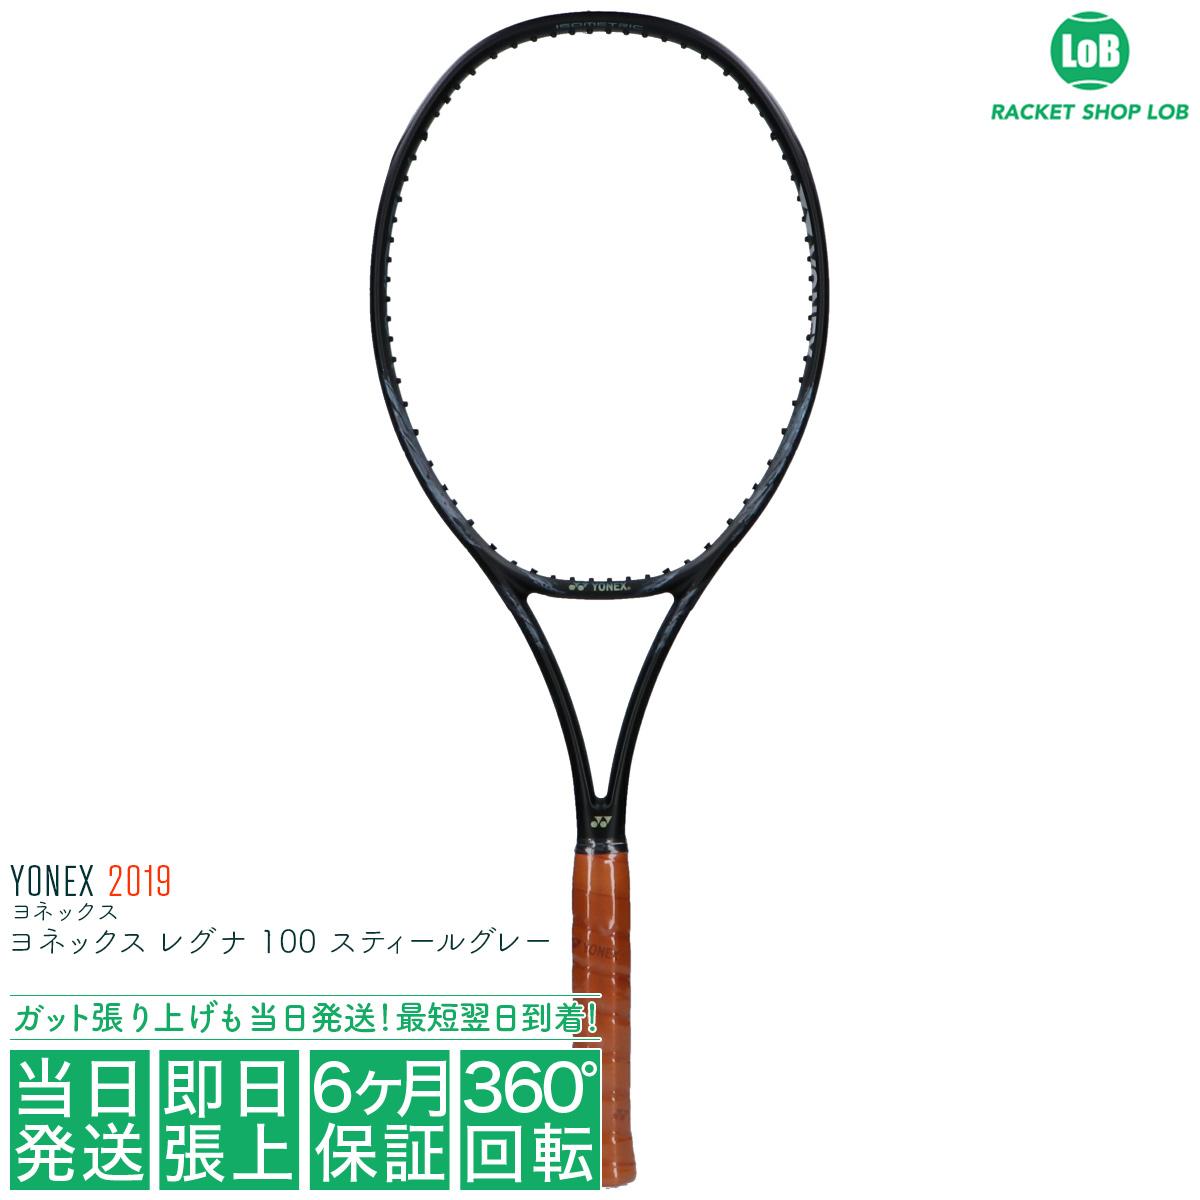 【クーポン利用で5%OFF!】【送料無料】【国内正規品】ヨネックス レグナ 100 2019(YONEX REGNA 100)295g 02RGN100 硬式テニスラケット